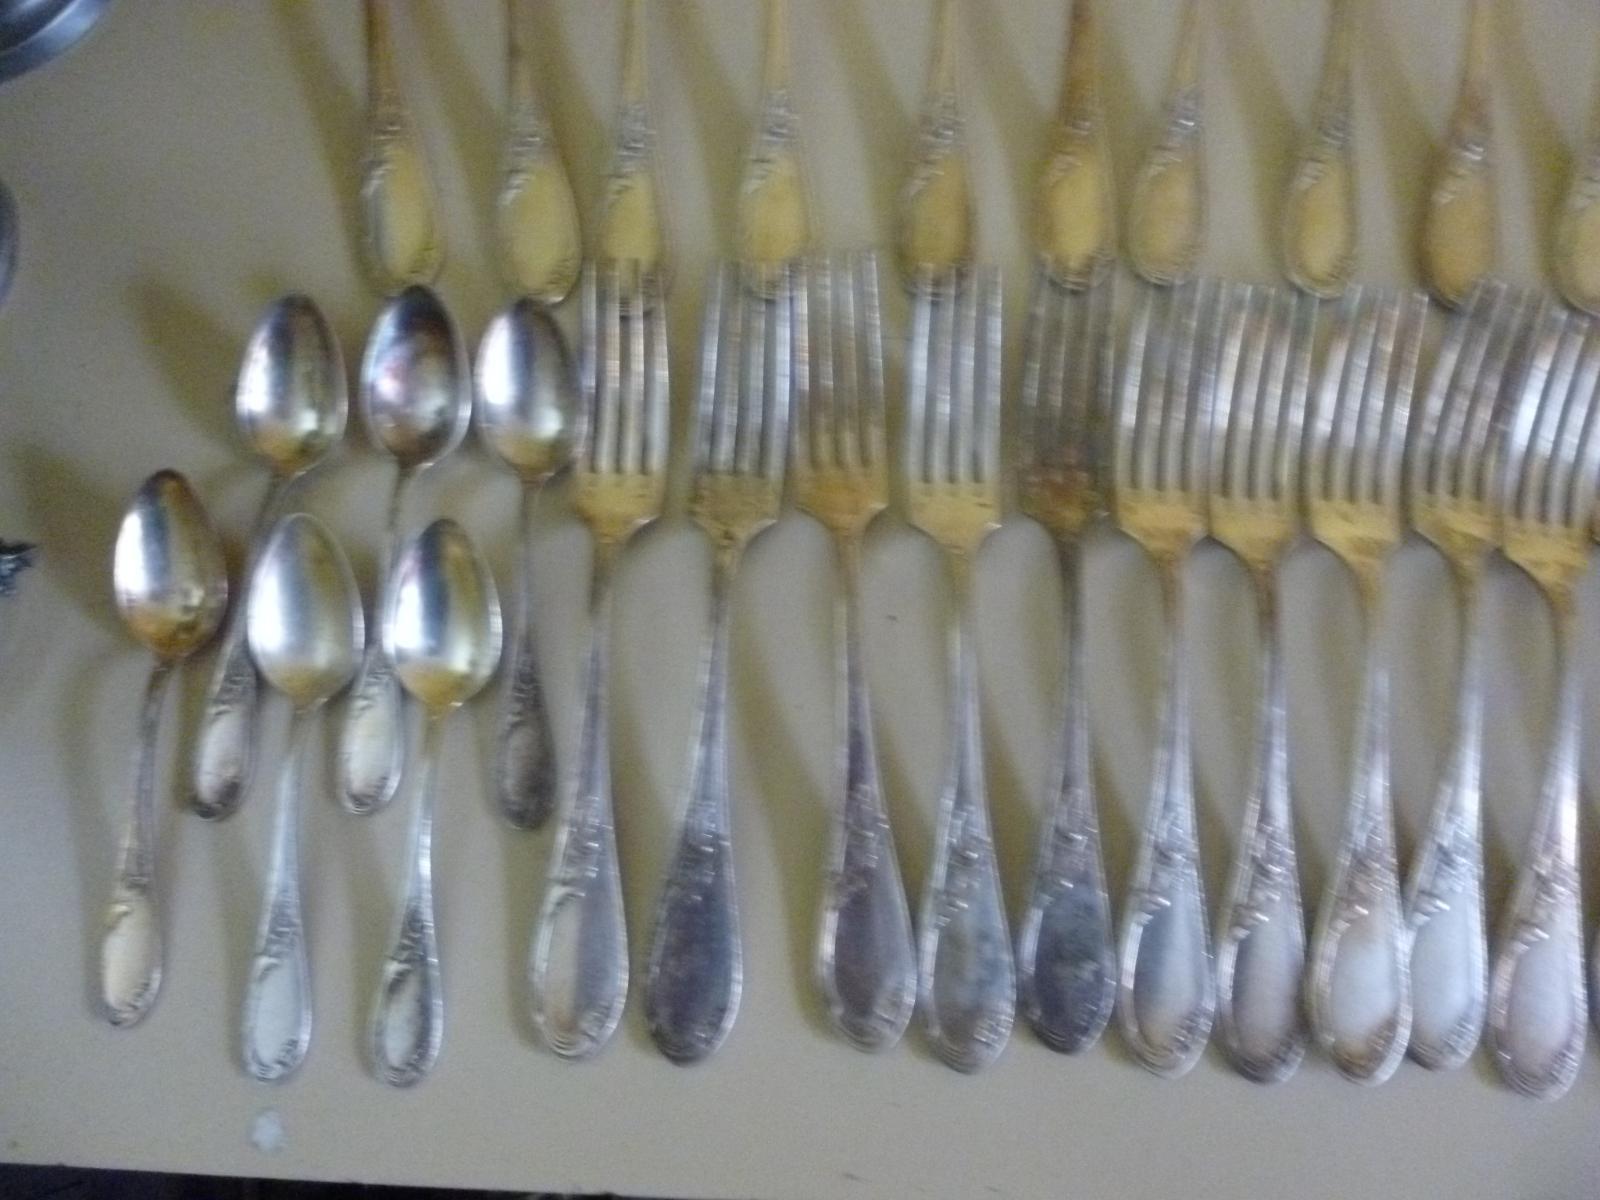 Posate Argento Come Pulirle dettagli su pennelli posate metallo argento forchette cucchiai coltelli  apollo louis xv